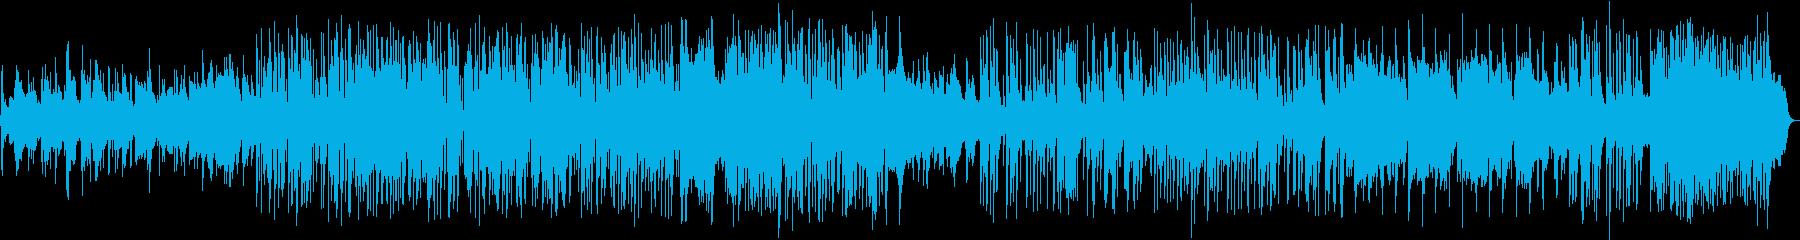 アラブ 感情的 静か ハイテク 気...の再生済みの波形